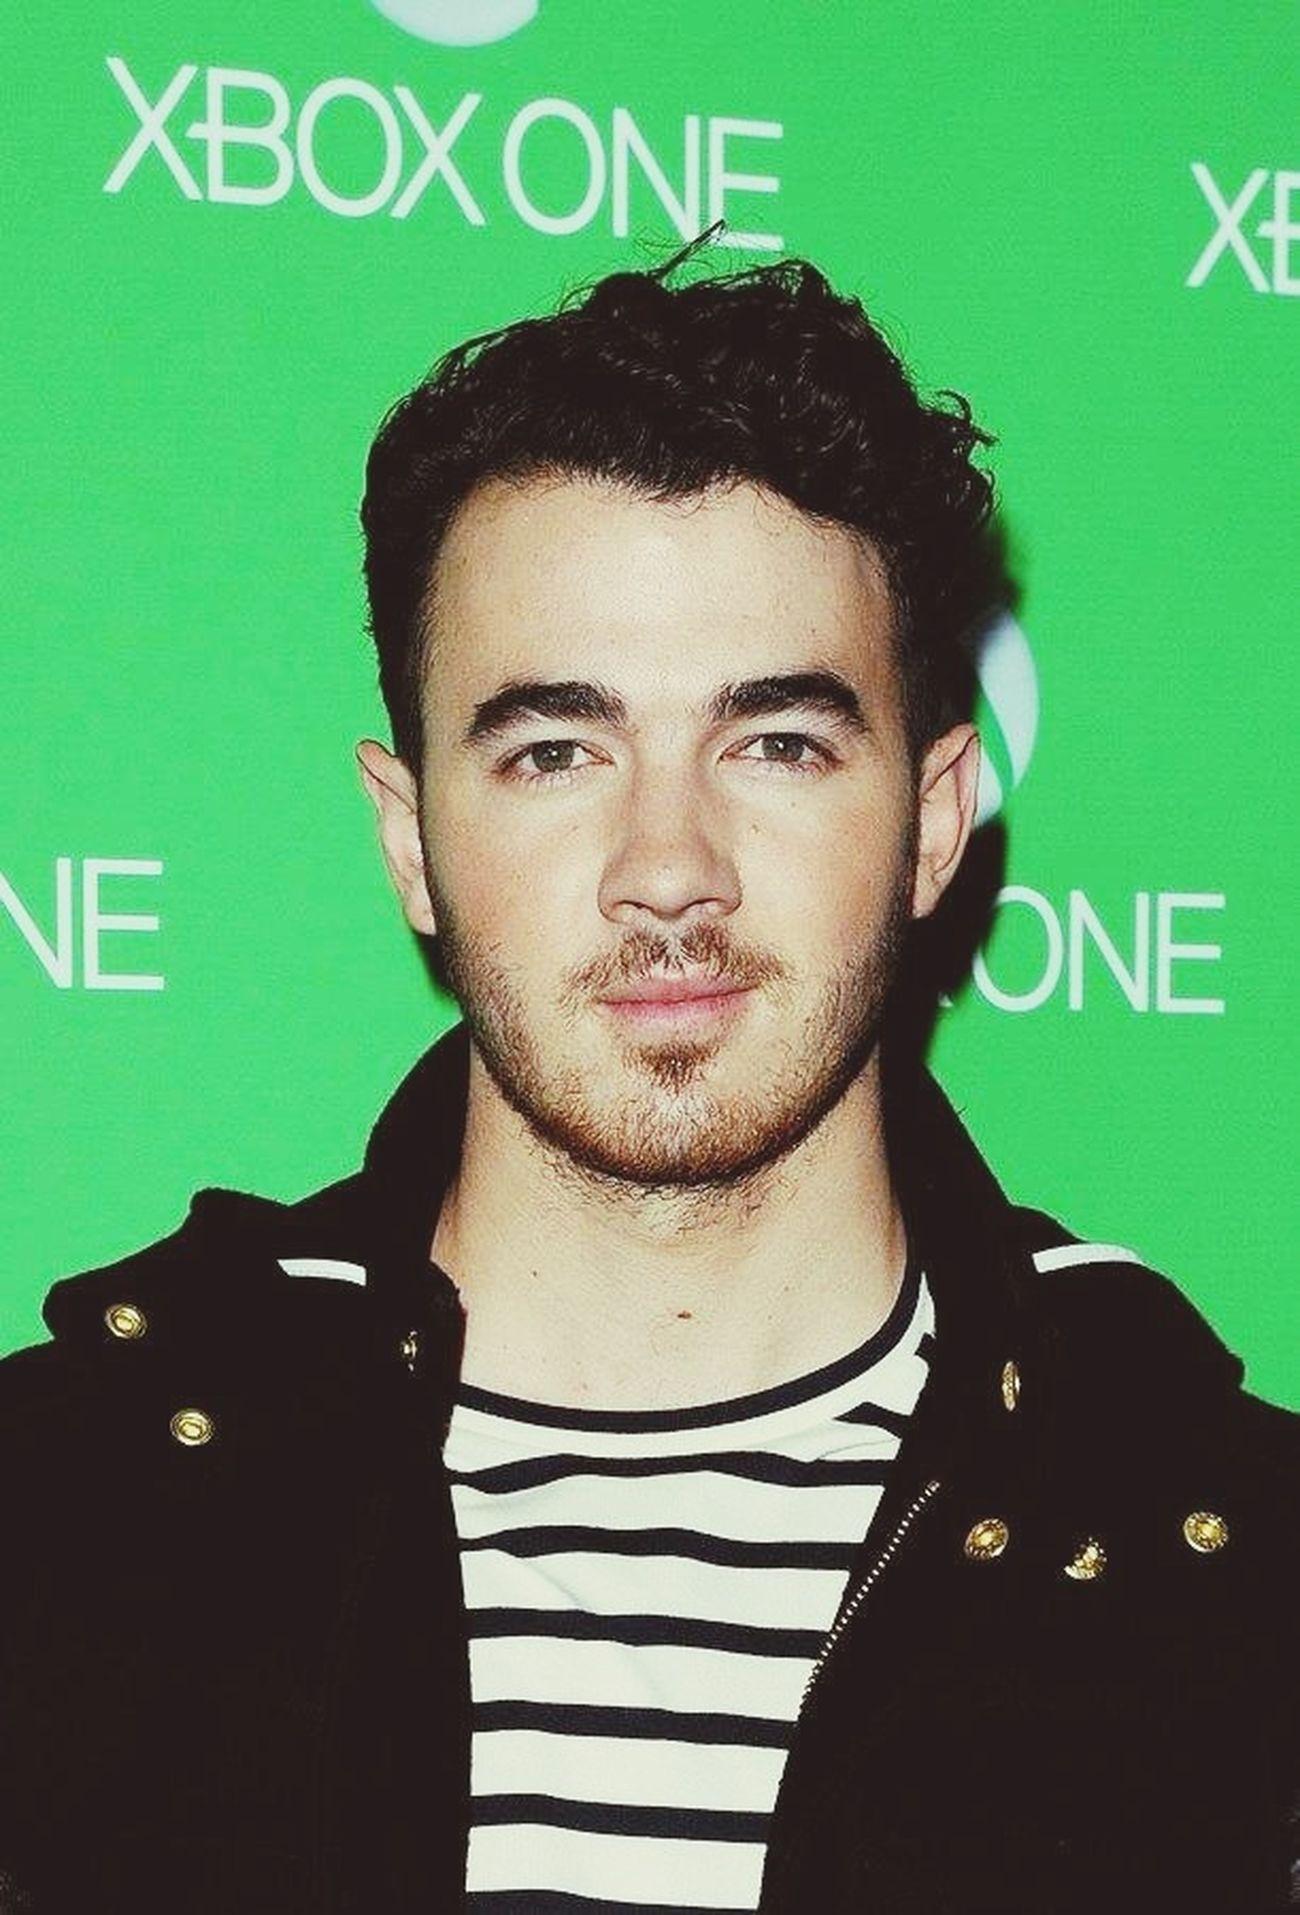 ?? Jonas Brothers Kevinjonas Jonas